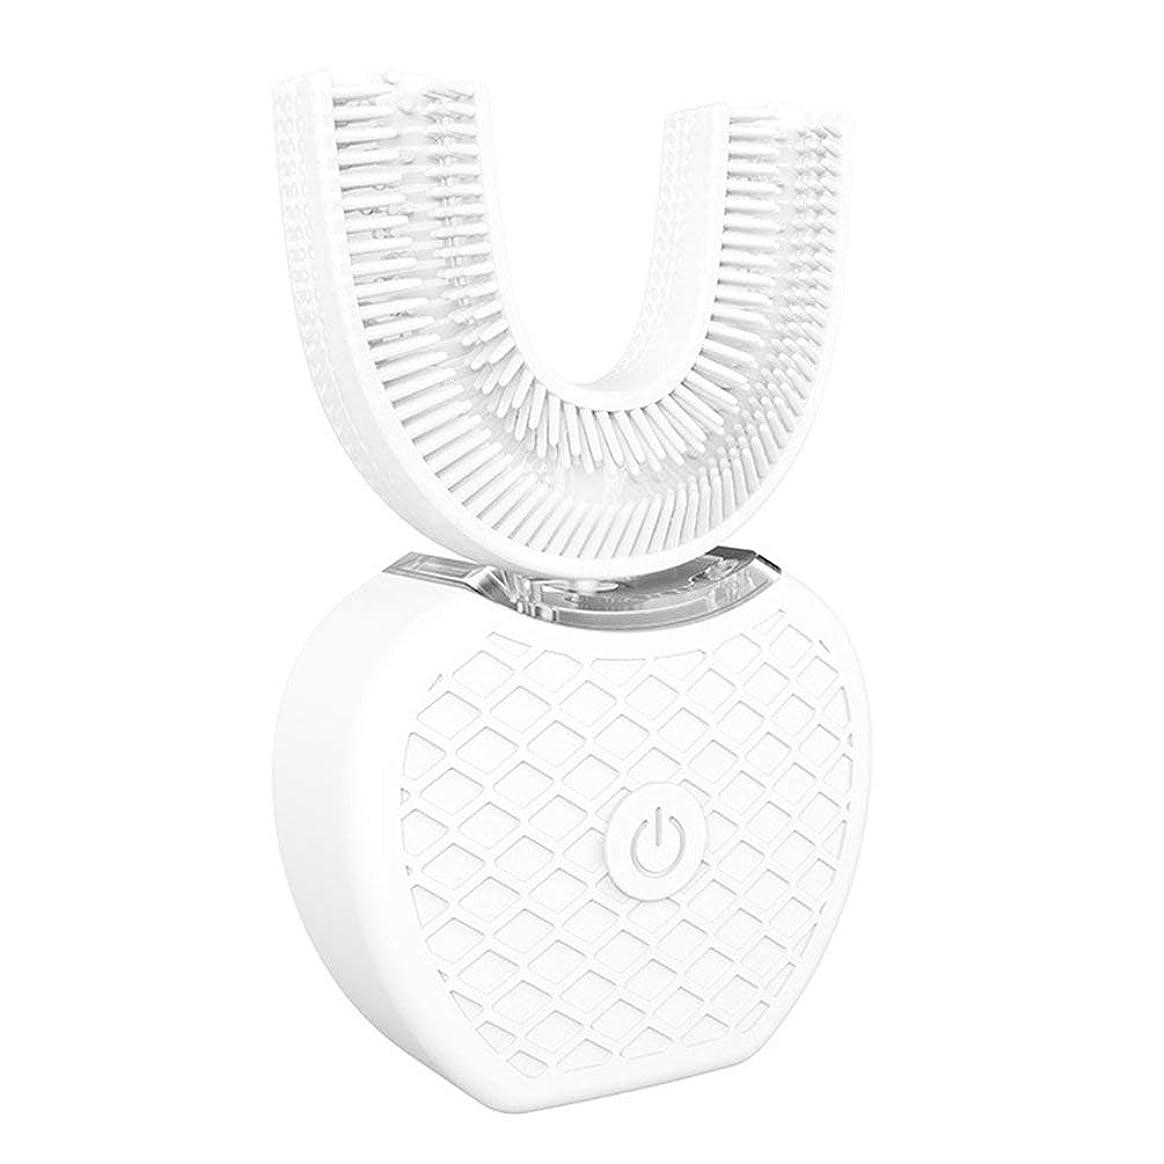 赤外線暴露採用する360°ワイヤレス充電怠惰な自動ソニックシリコーン電動歯ブラシ - ホワイト